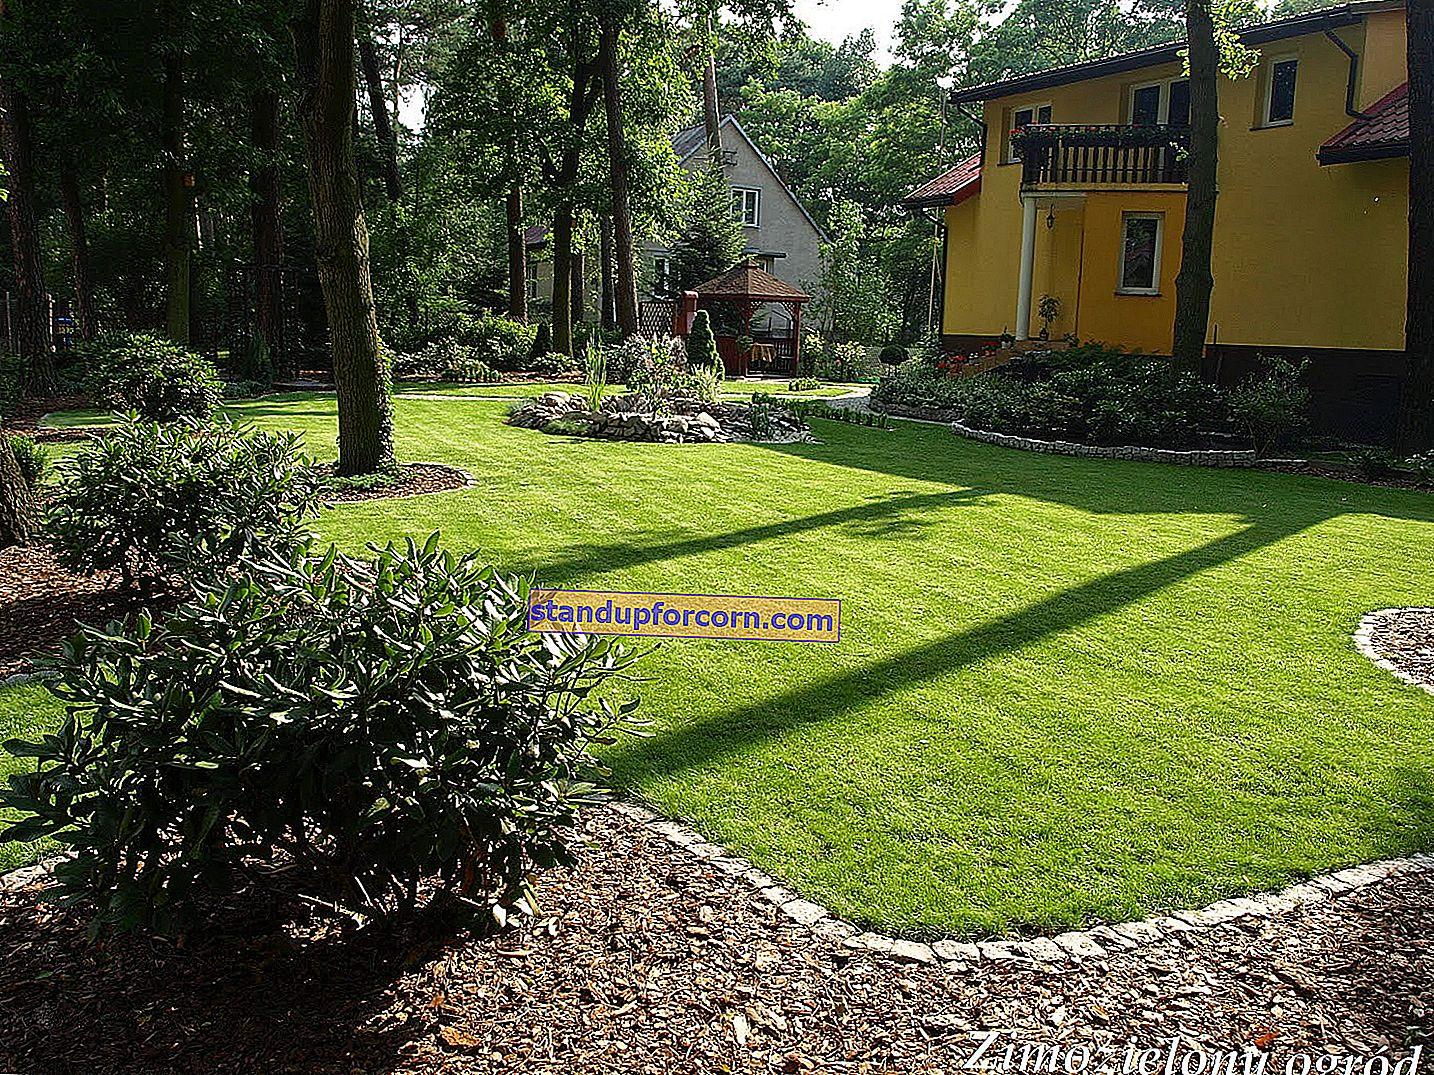 Kalkning av gräsmattan. Hur och när ska gräsmattan kalkas?